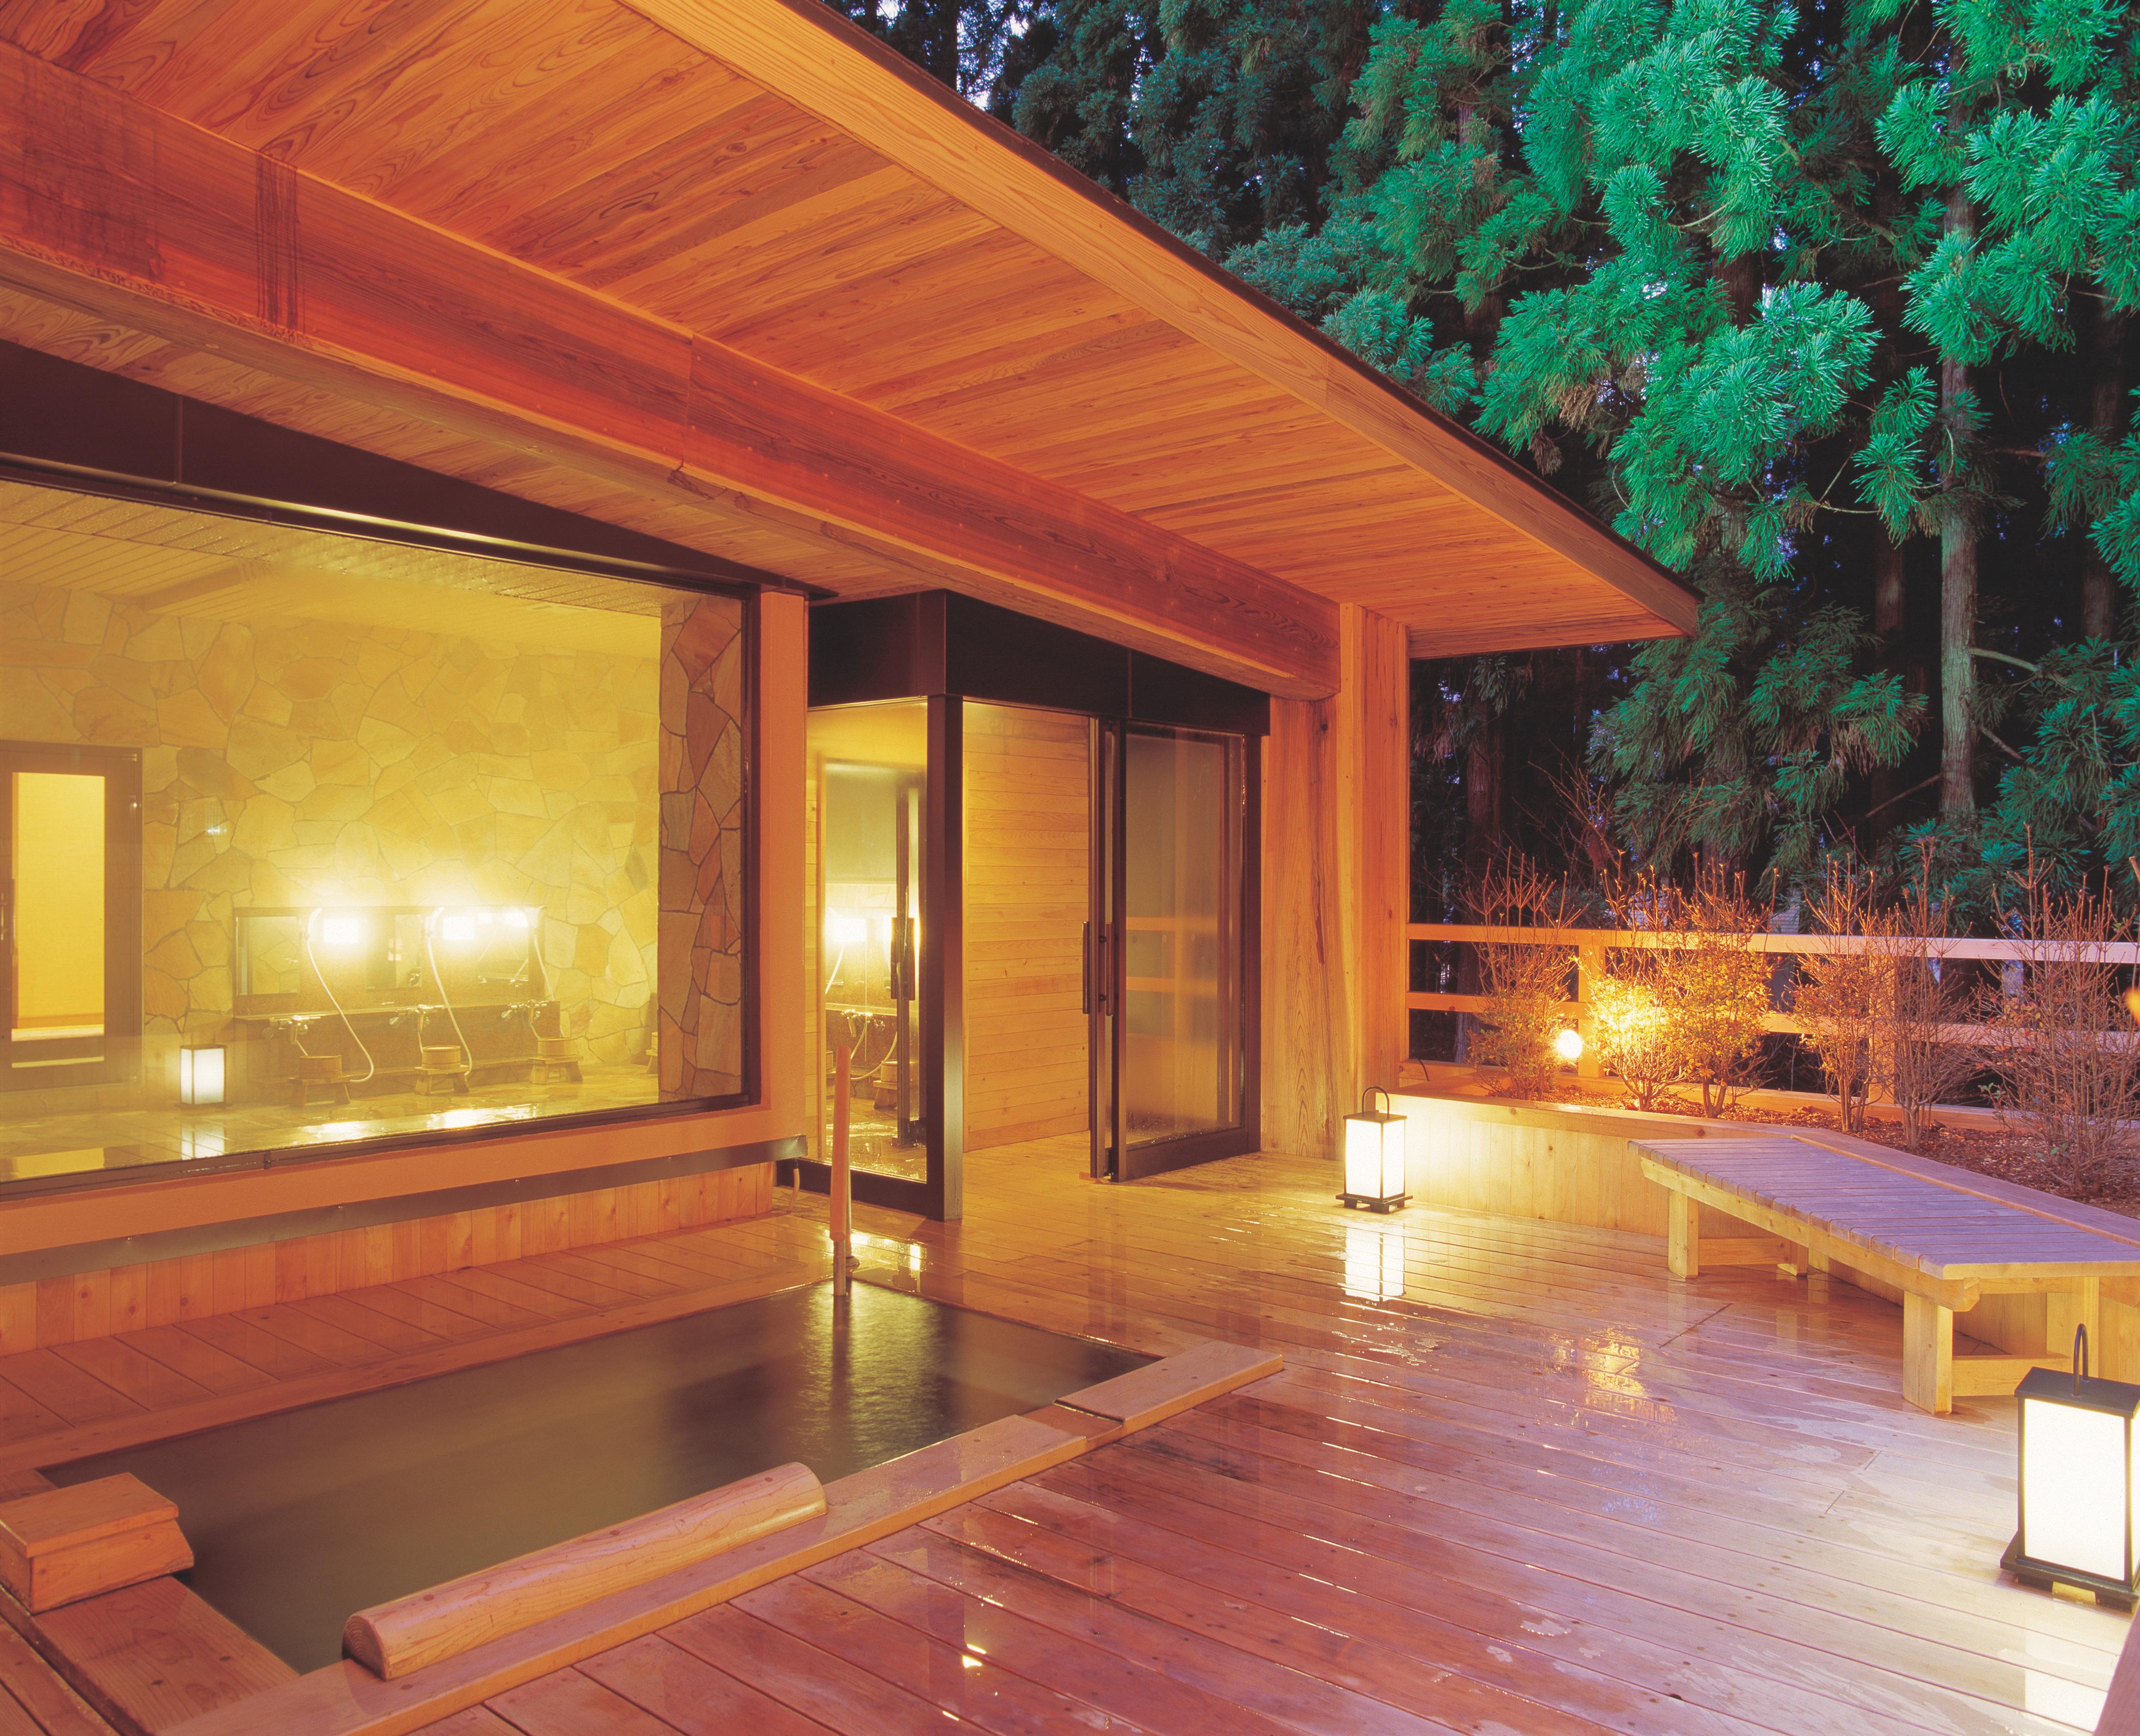 今週末は「一里野高原ホテル ろあん」でプチ温泉旅行気分を味わっちゃおう !!